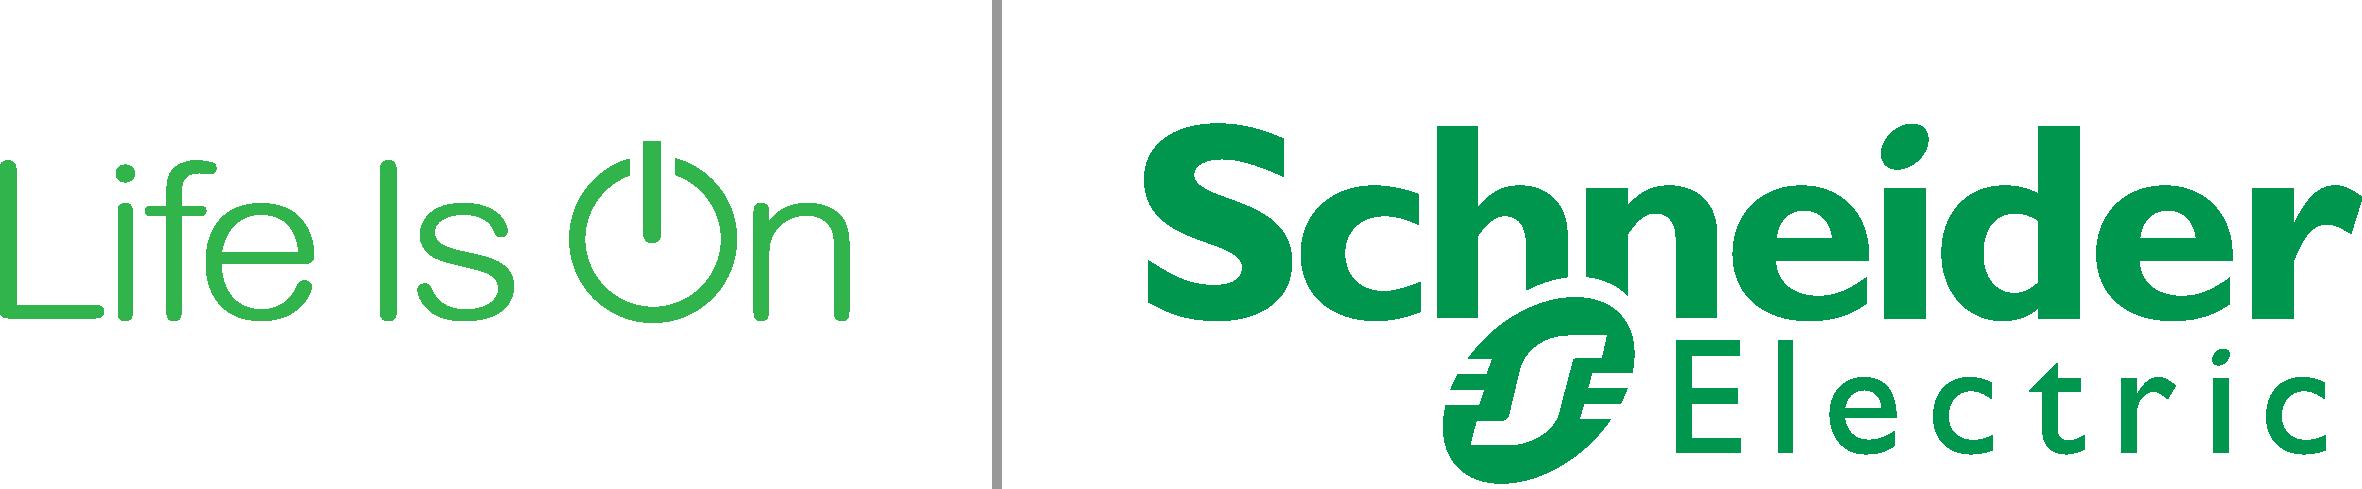 Schneider Logo 1 mtime20191202182054